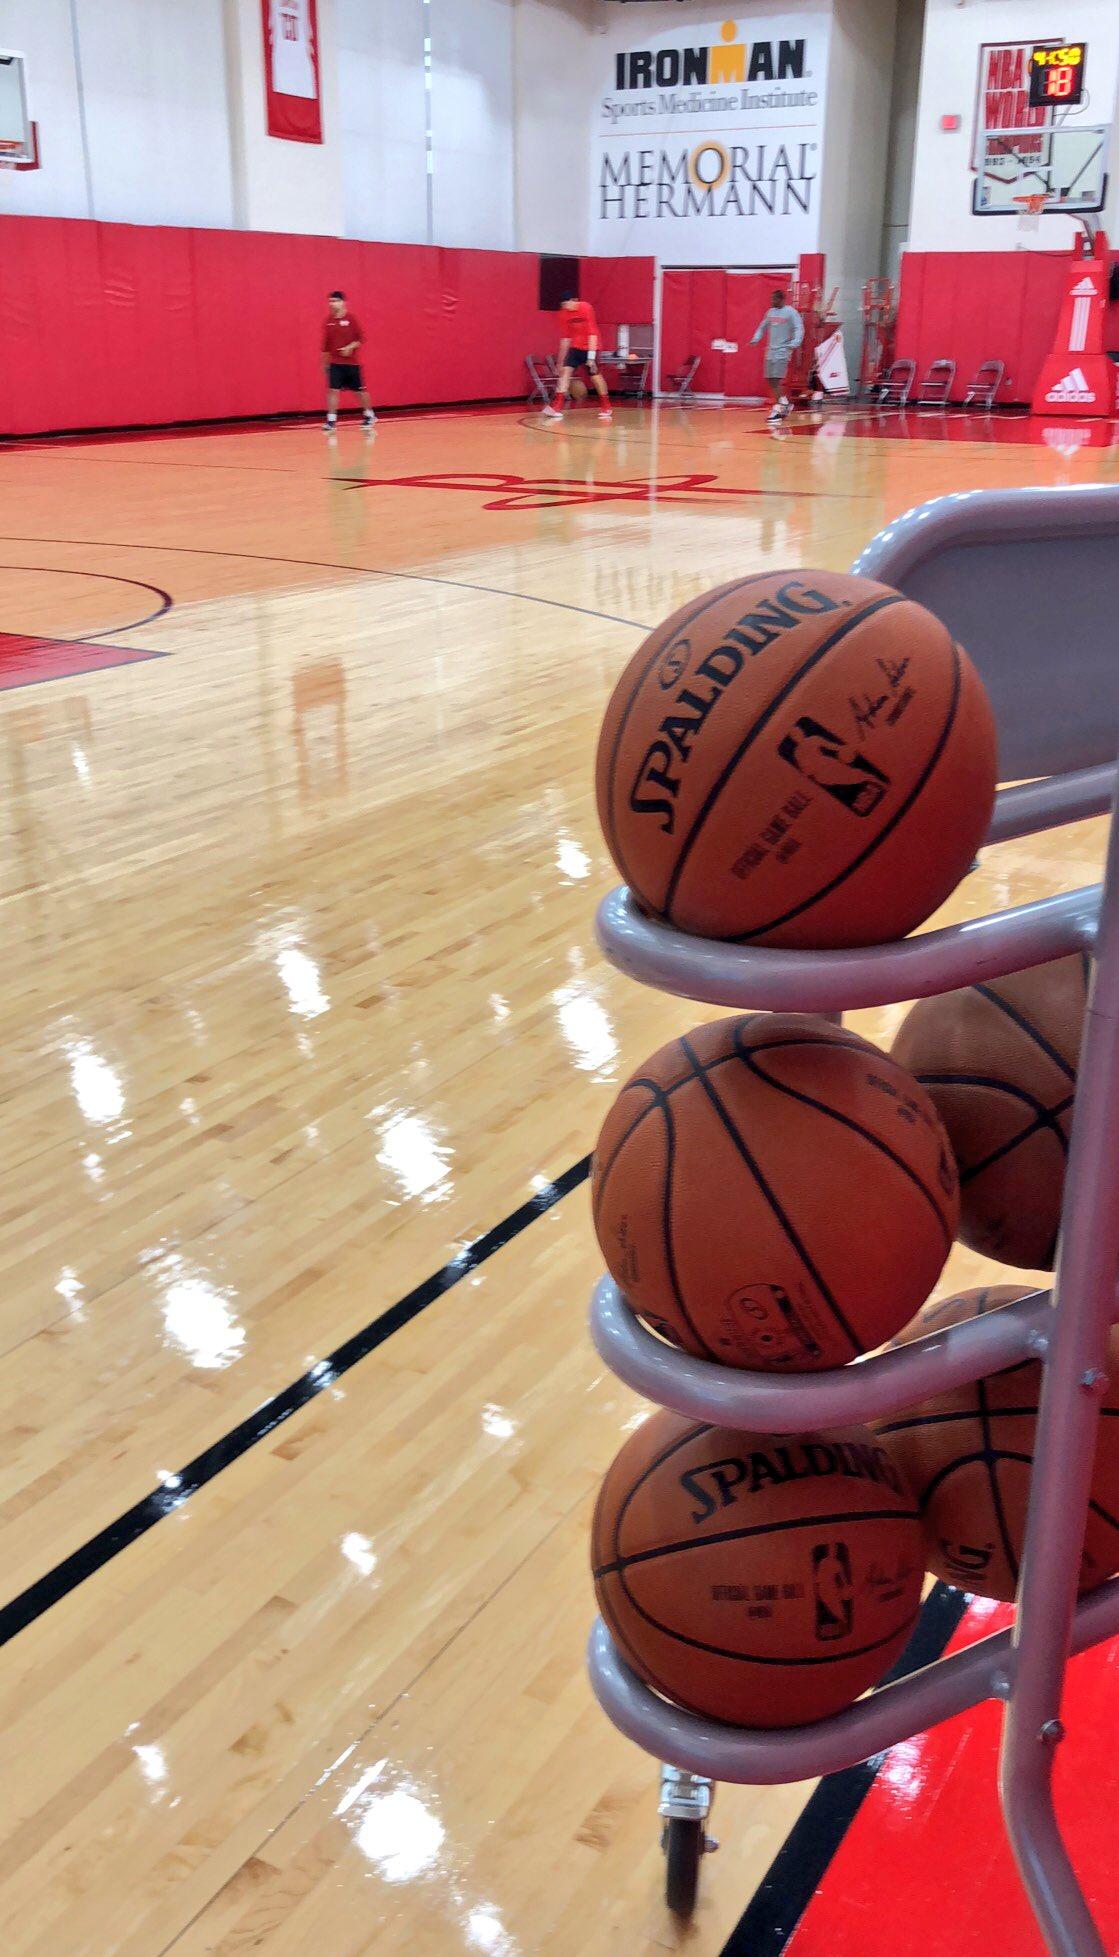 We're in Houston with the @HoustonRockets!   #Rockets #RocketsAllAccess https://t.co/XjW5hjU45u